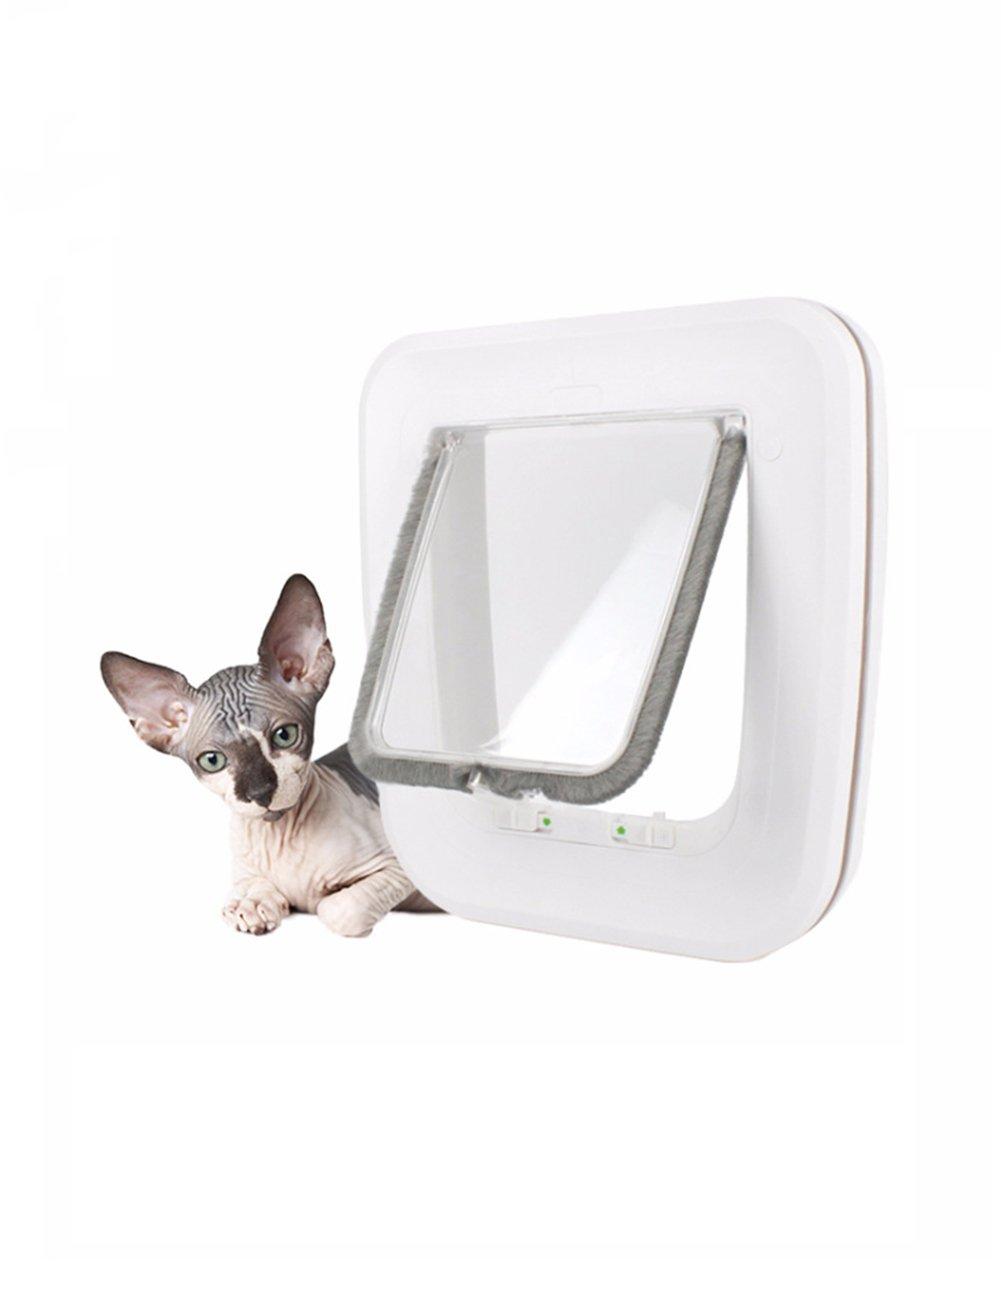 diseños exclusivos Cutepet Puerta Gato Del Perro Perro Perro Puerta Magnética Bloqueable Automática Para Gatos Y Perros 4 Modo Pet Door Moth Proofing Resistencia Al Envejecimiento Sin Deformación PM-05631  A la venta con descuento del 70%.